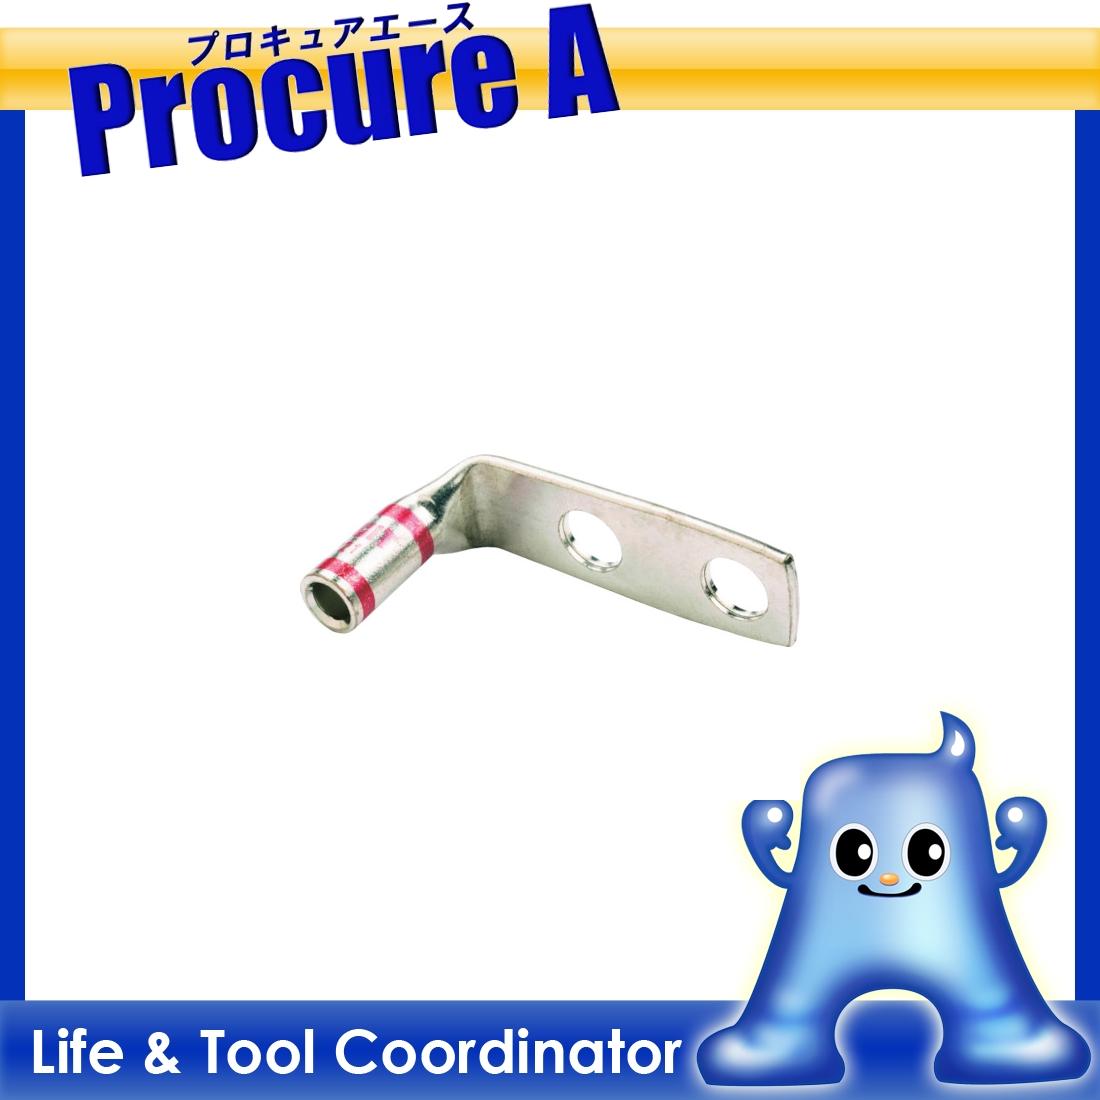 パンドウイット 銅製圧縮端子 標準バレル 2つ穴 90°アングル (50個入) LCD8-14AF-L ▼785-1383 パンドウイットコーポレーション